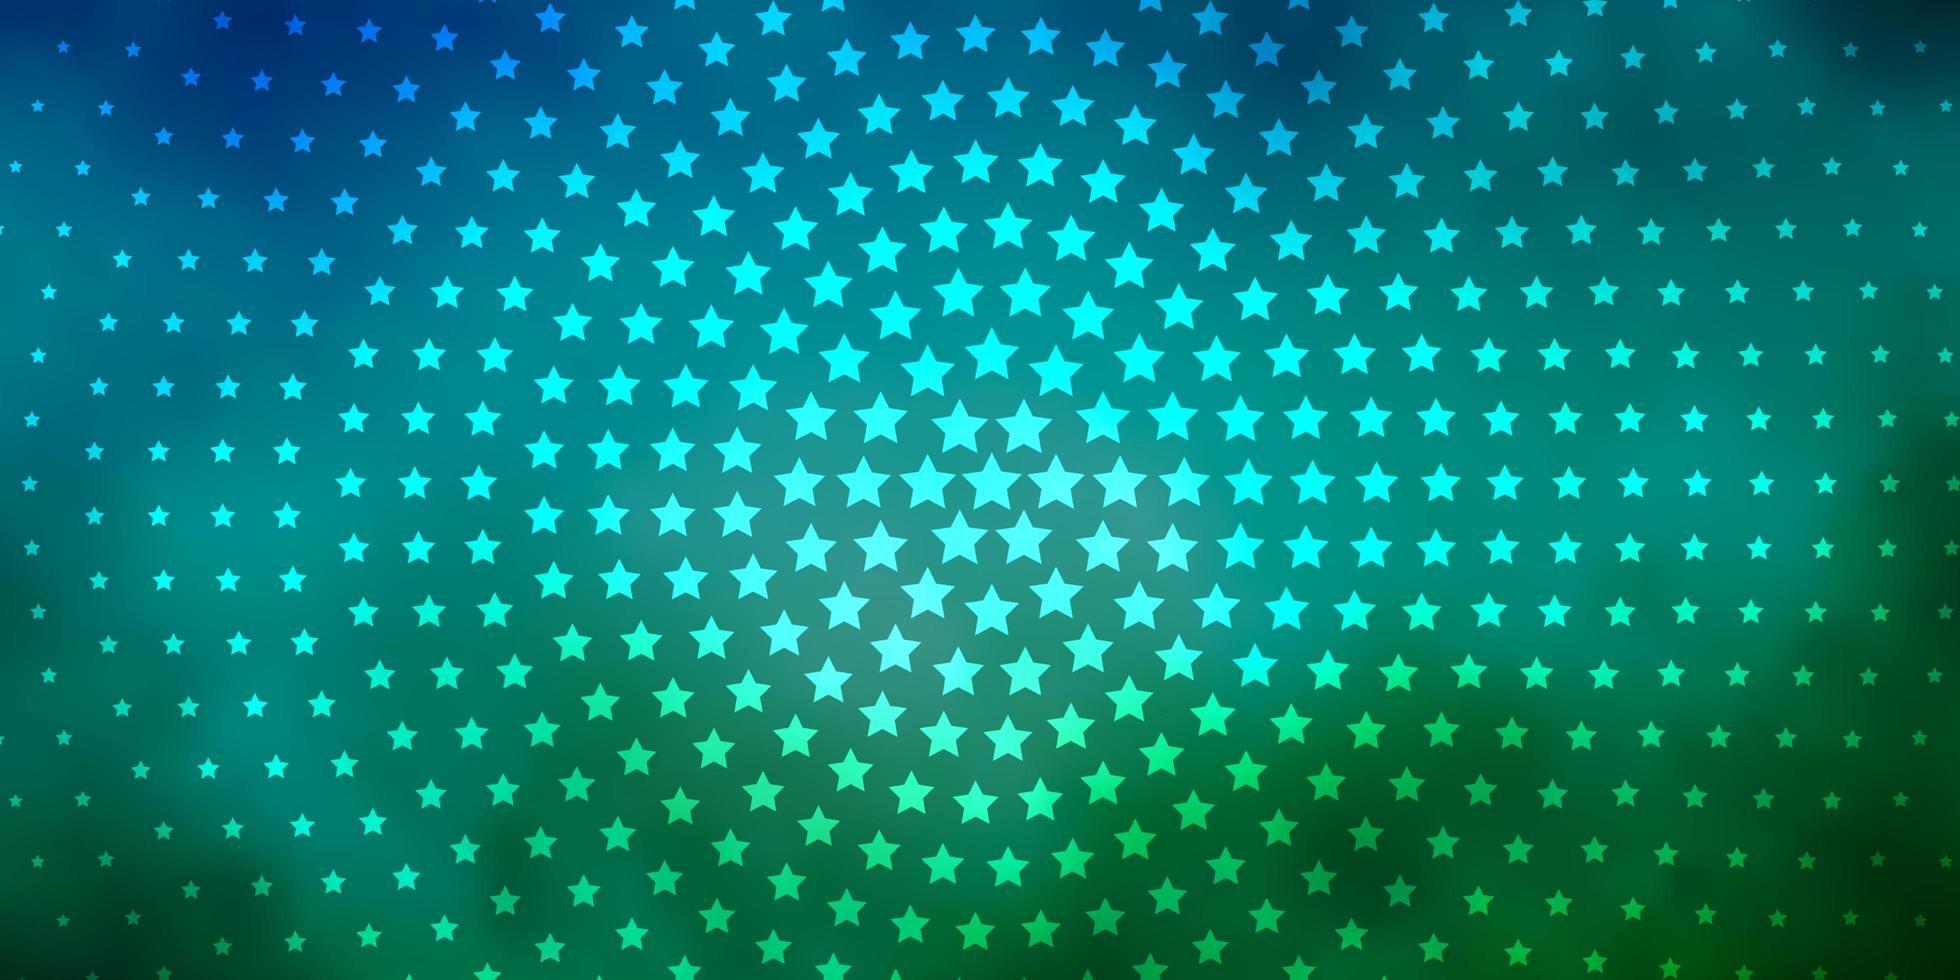 sfondo blu e verde con stelle colorate vettore